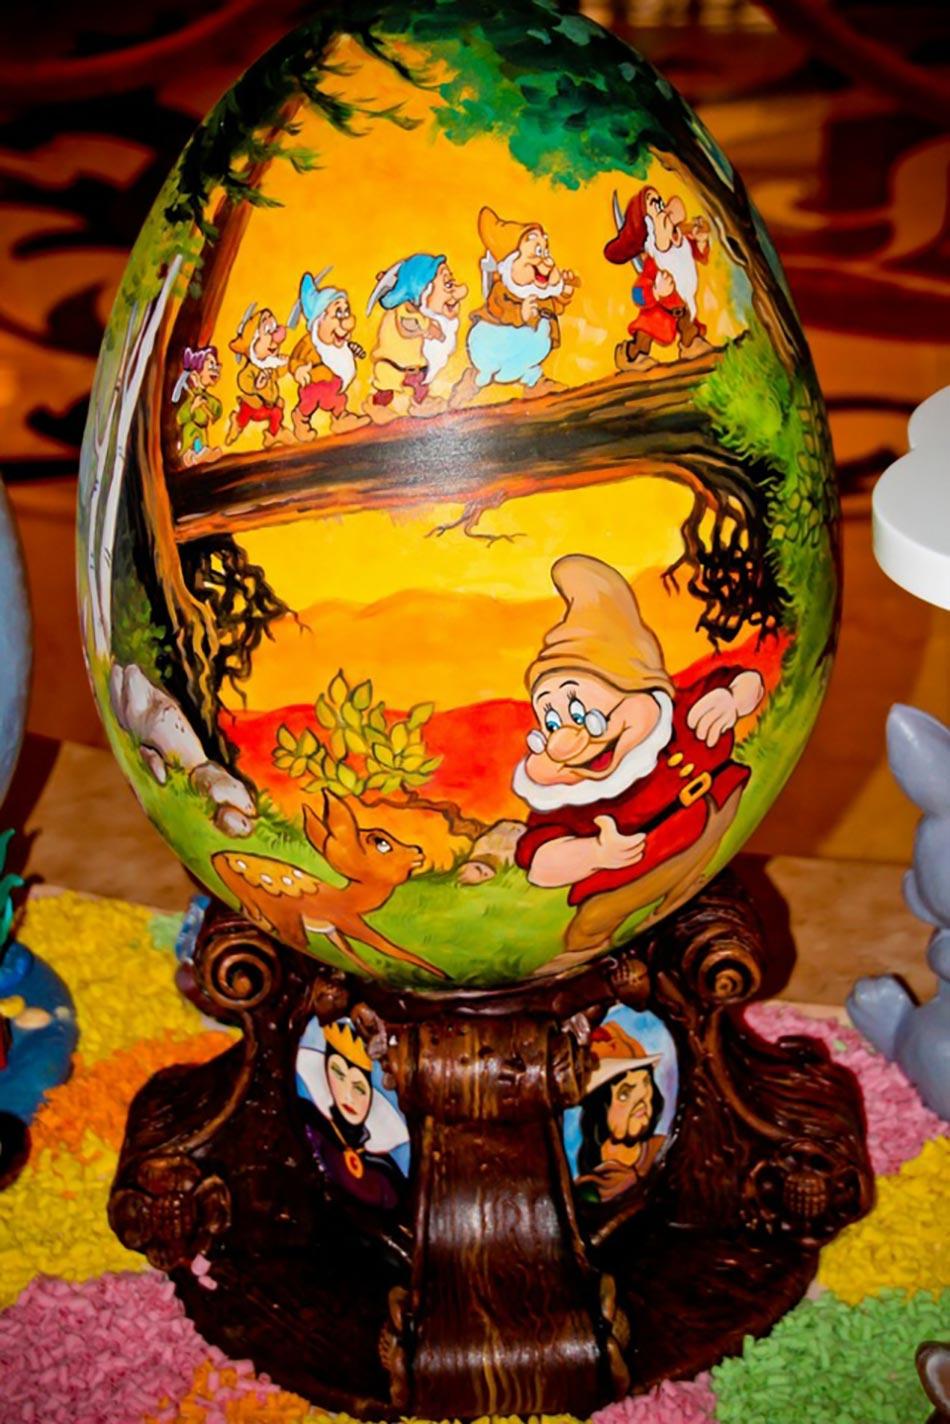 Ufs de p ques cr atifs l effigie des personnages disney - Quand ramasser les oeufs de paques ...